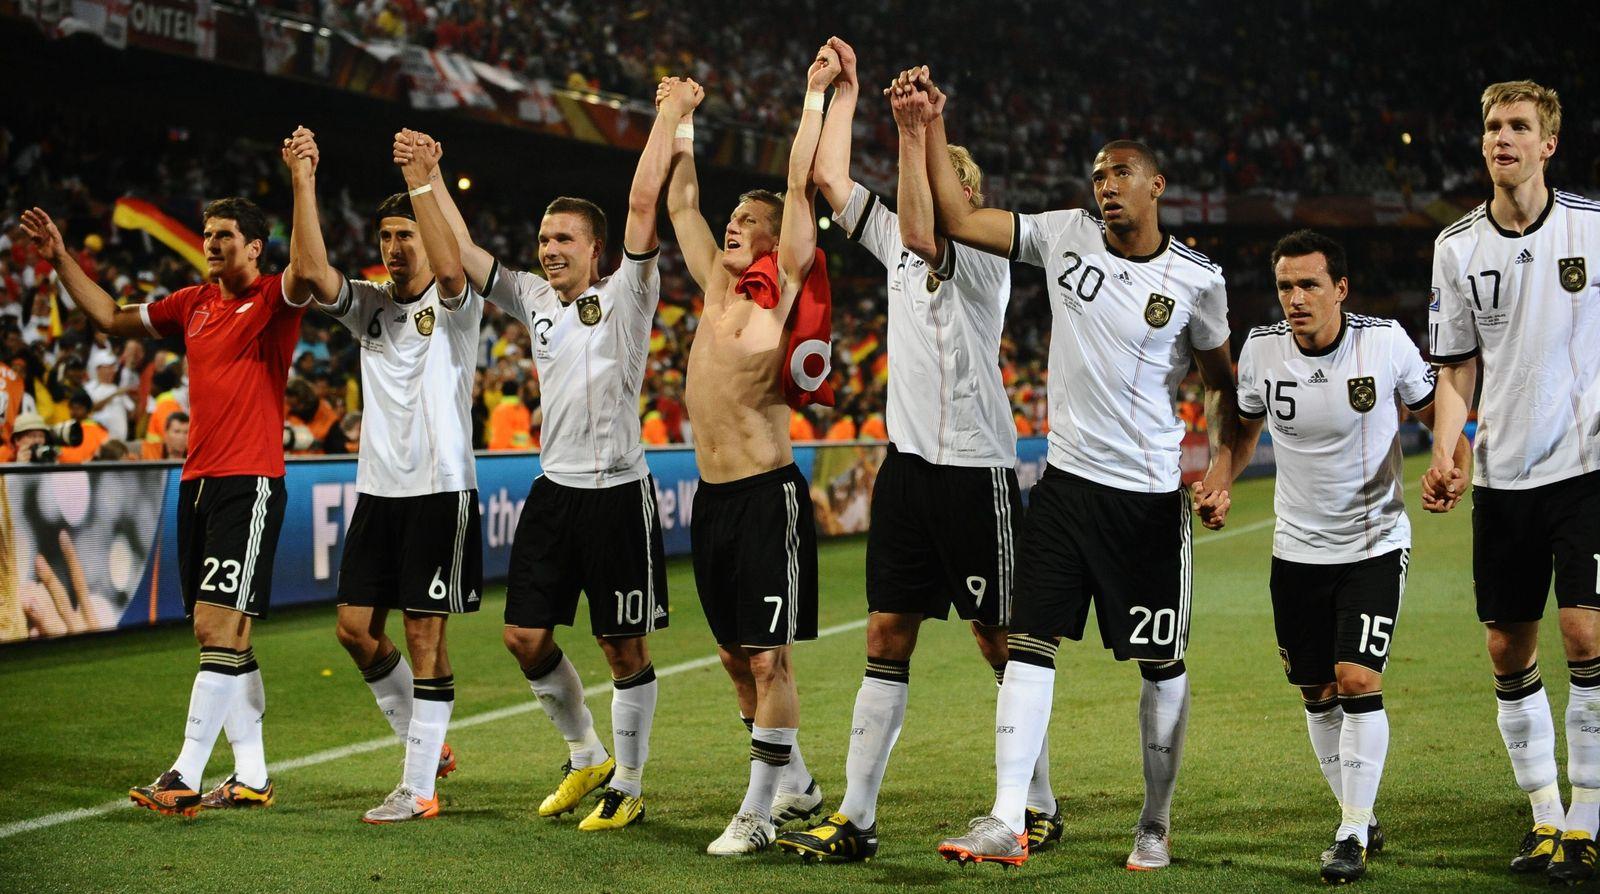 WM 2010 Nationalmannschaft Deutschland